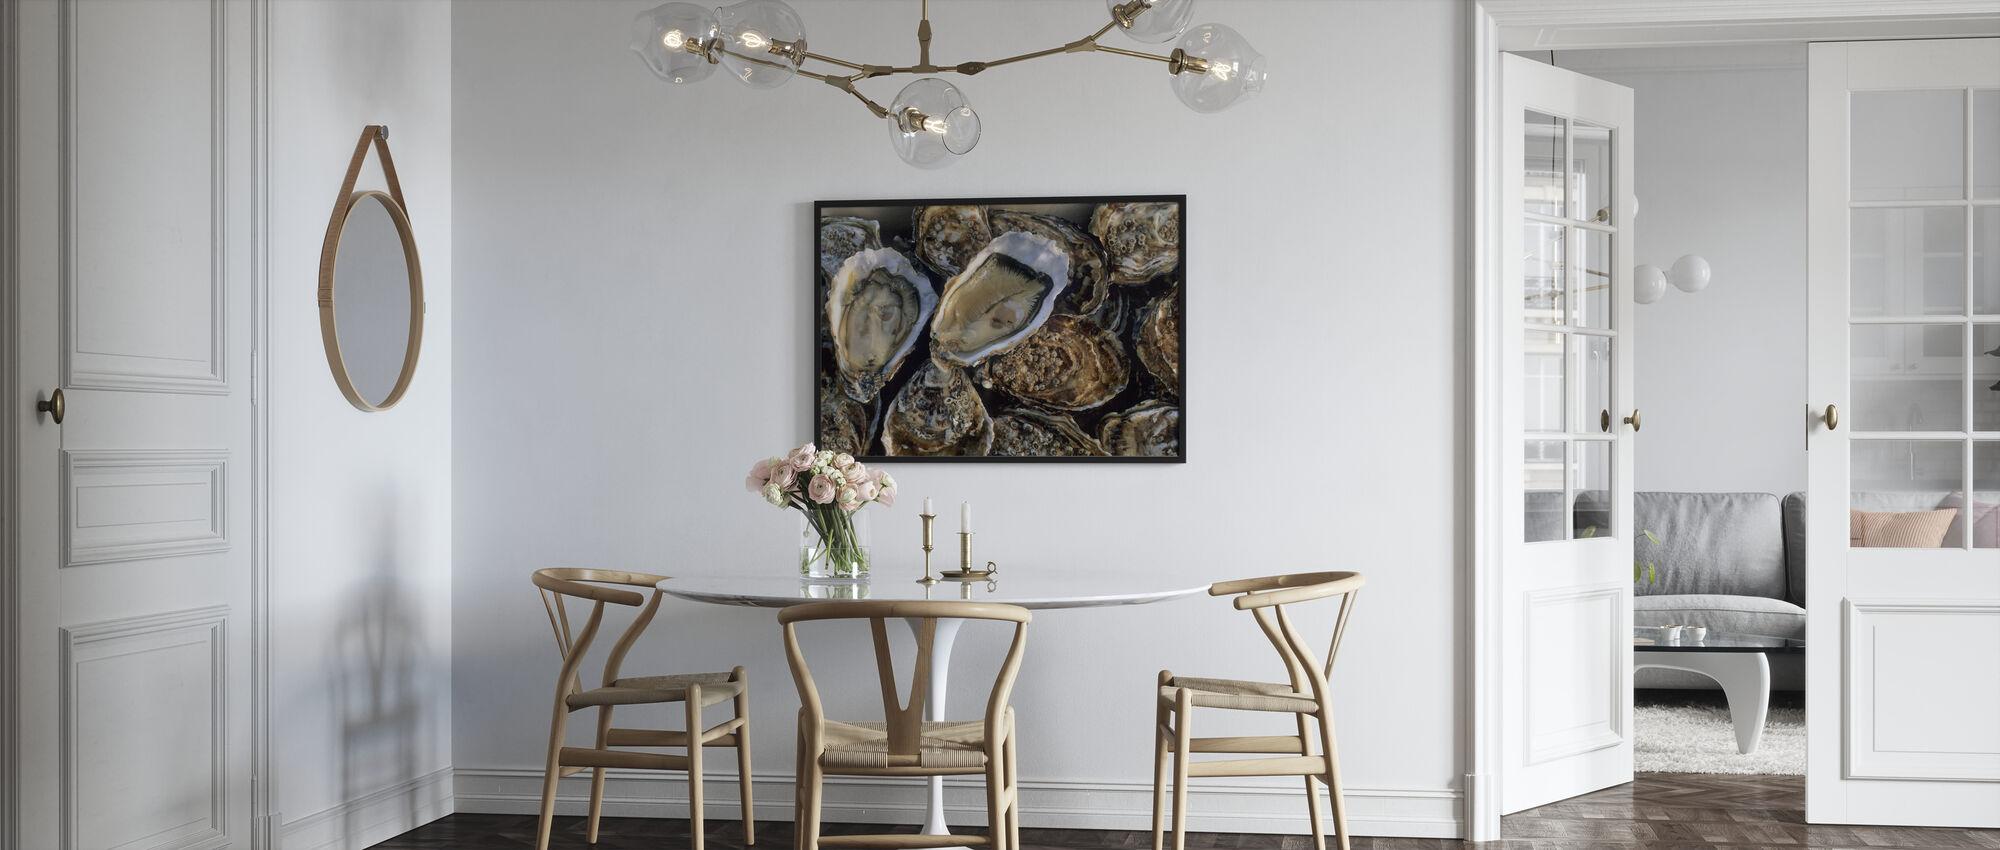 Austern - Poster - Küchen